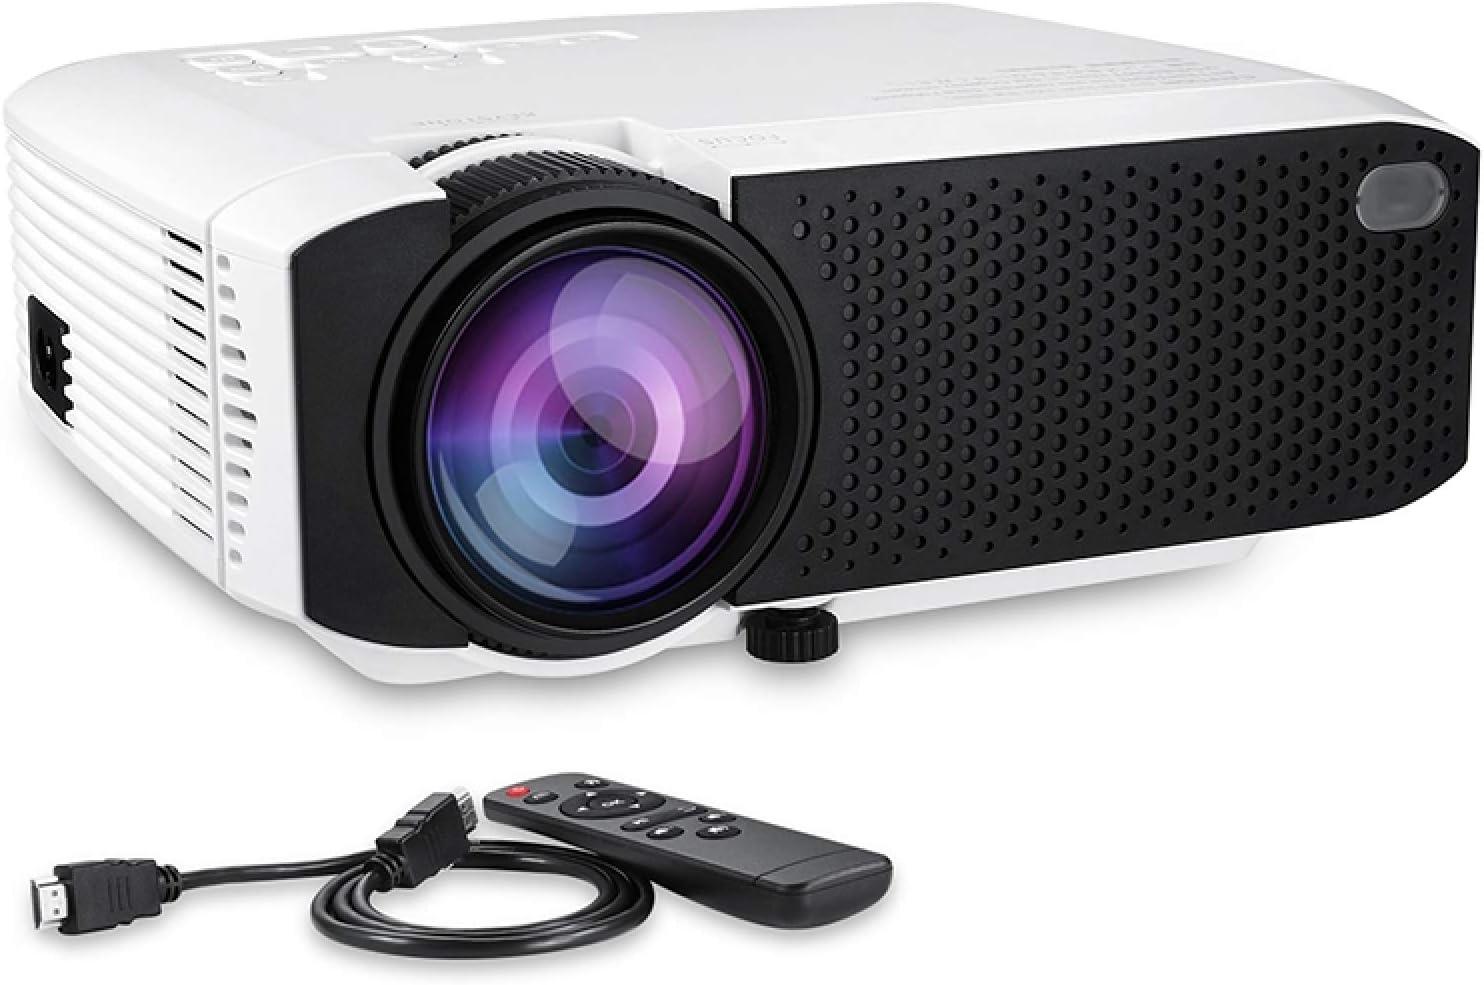 CAOMING E400 1600 Lumens 1280x720 720P Pro cheap Portable LED Smart Max 63% OFF HD